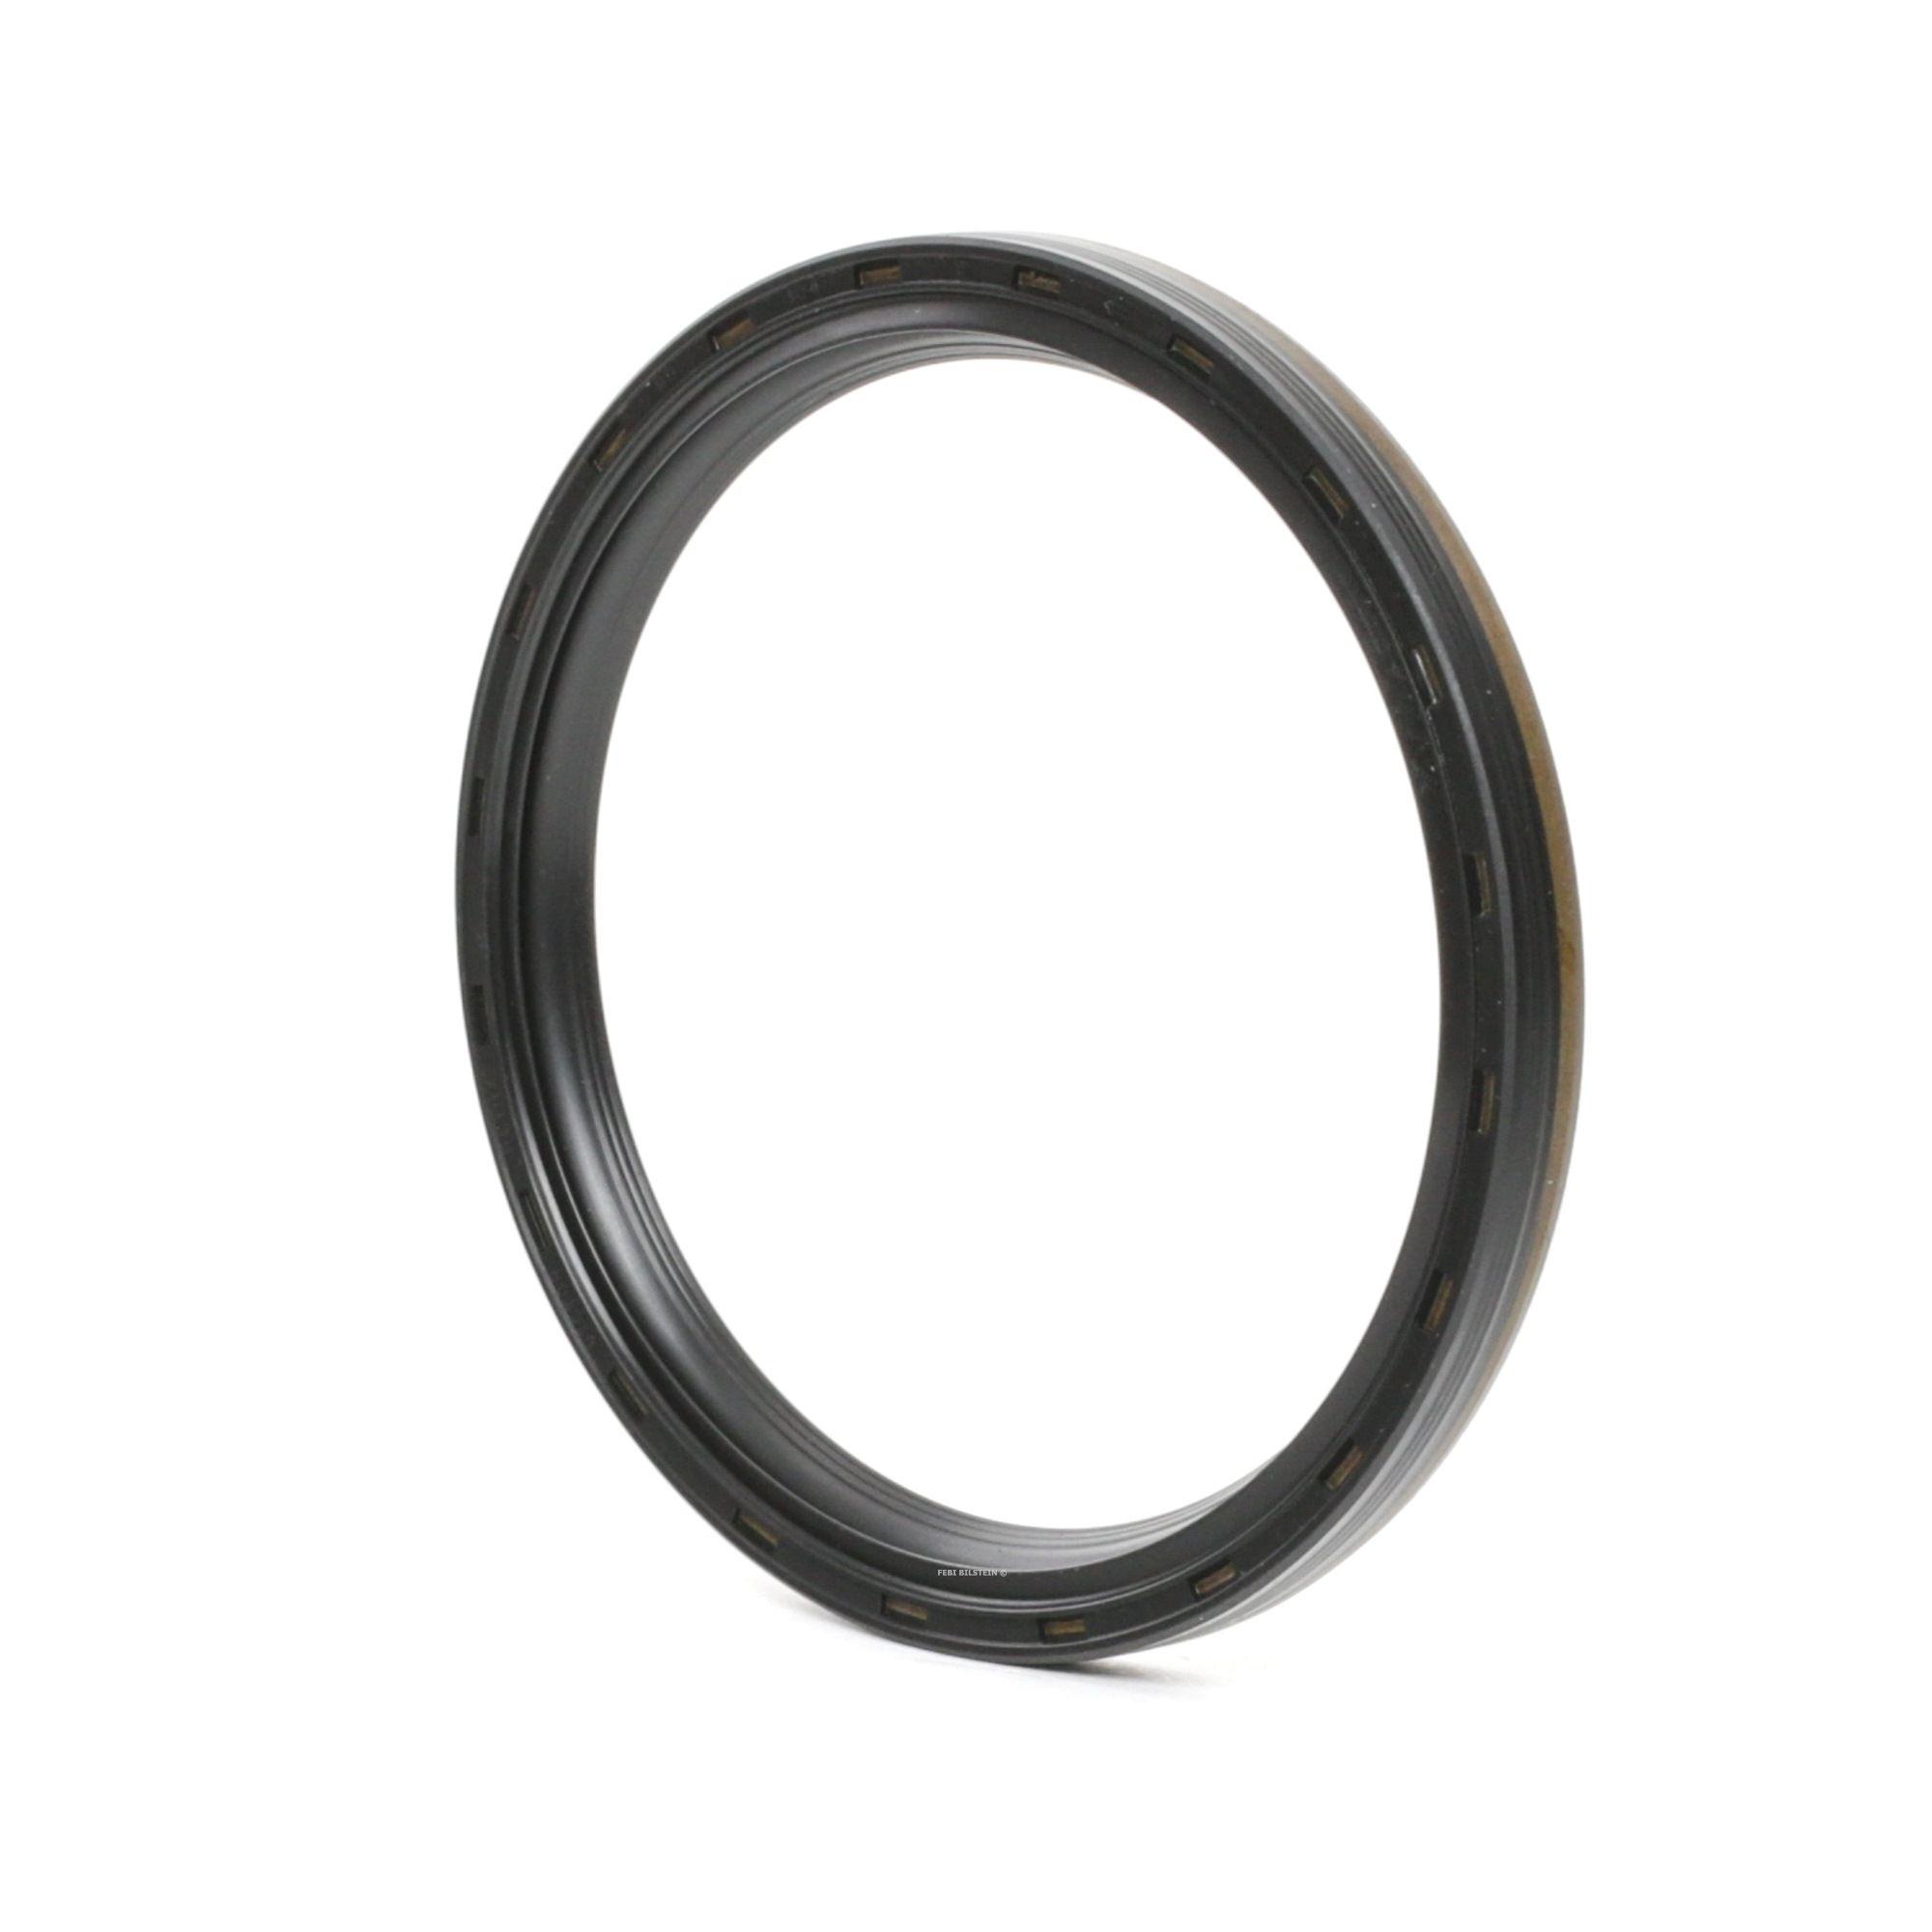 FEBI BILSTEIN: Original Kurbelwellendichtung 102041 (Innendurchmesser: 90,0mm, Ø: 104,0mm)